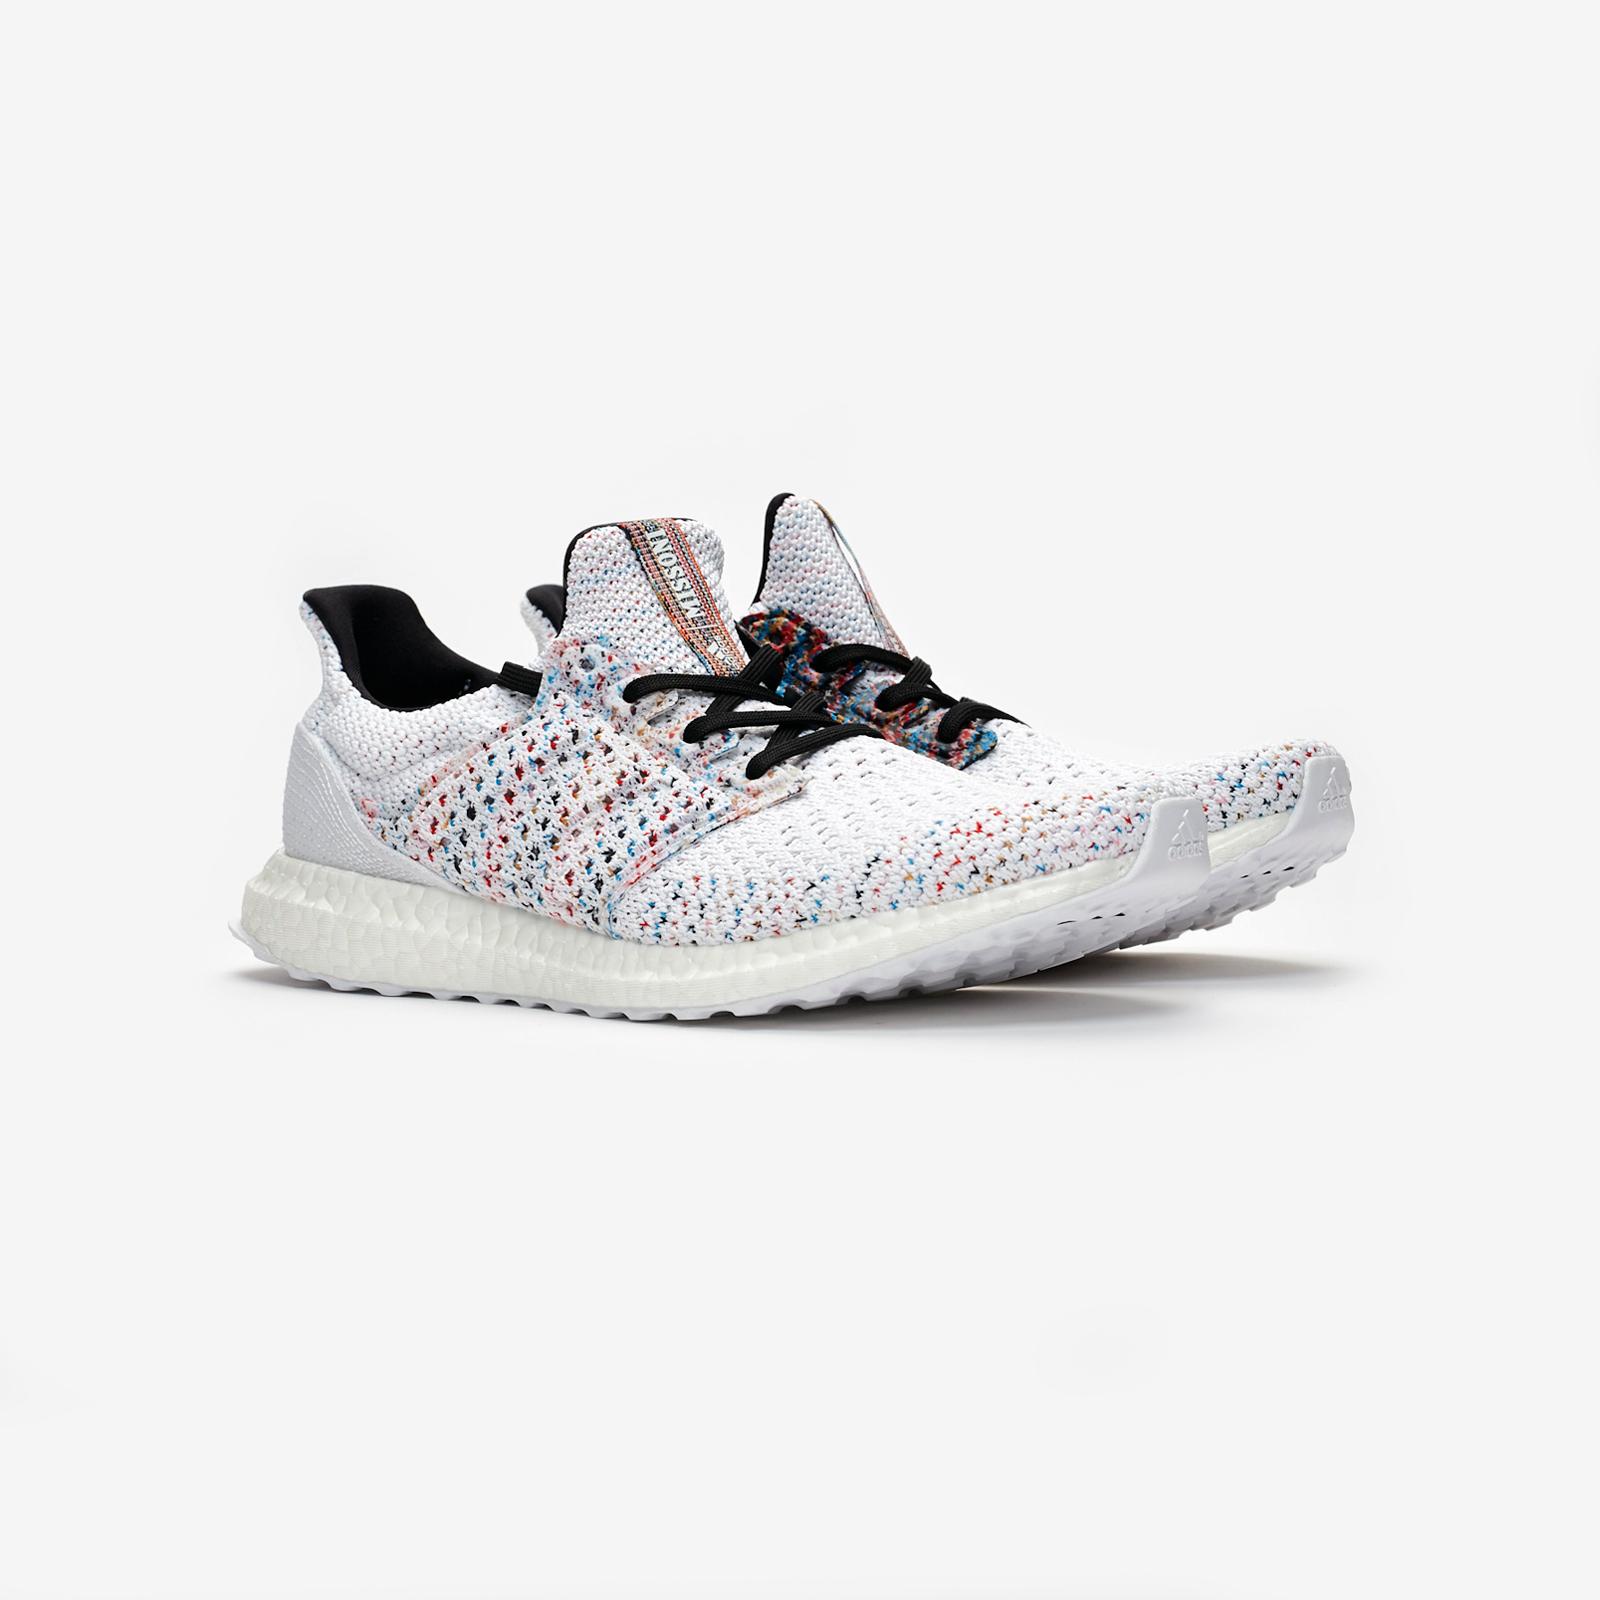 db7c89561d657 adidas UltraBOOST Clima x Missoni - D97744 - Sneakersnstuff ...